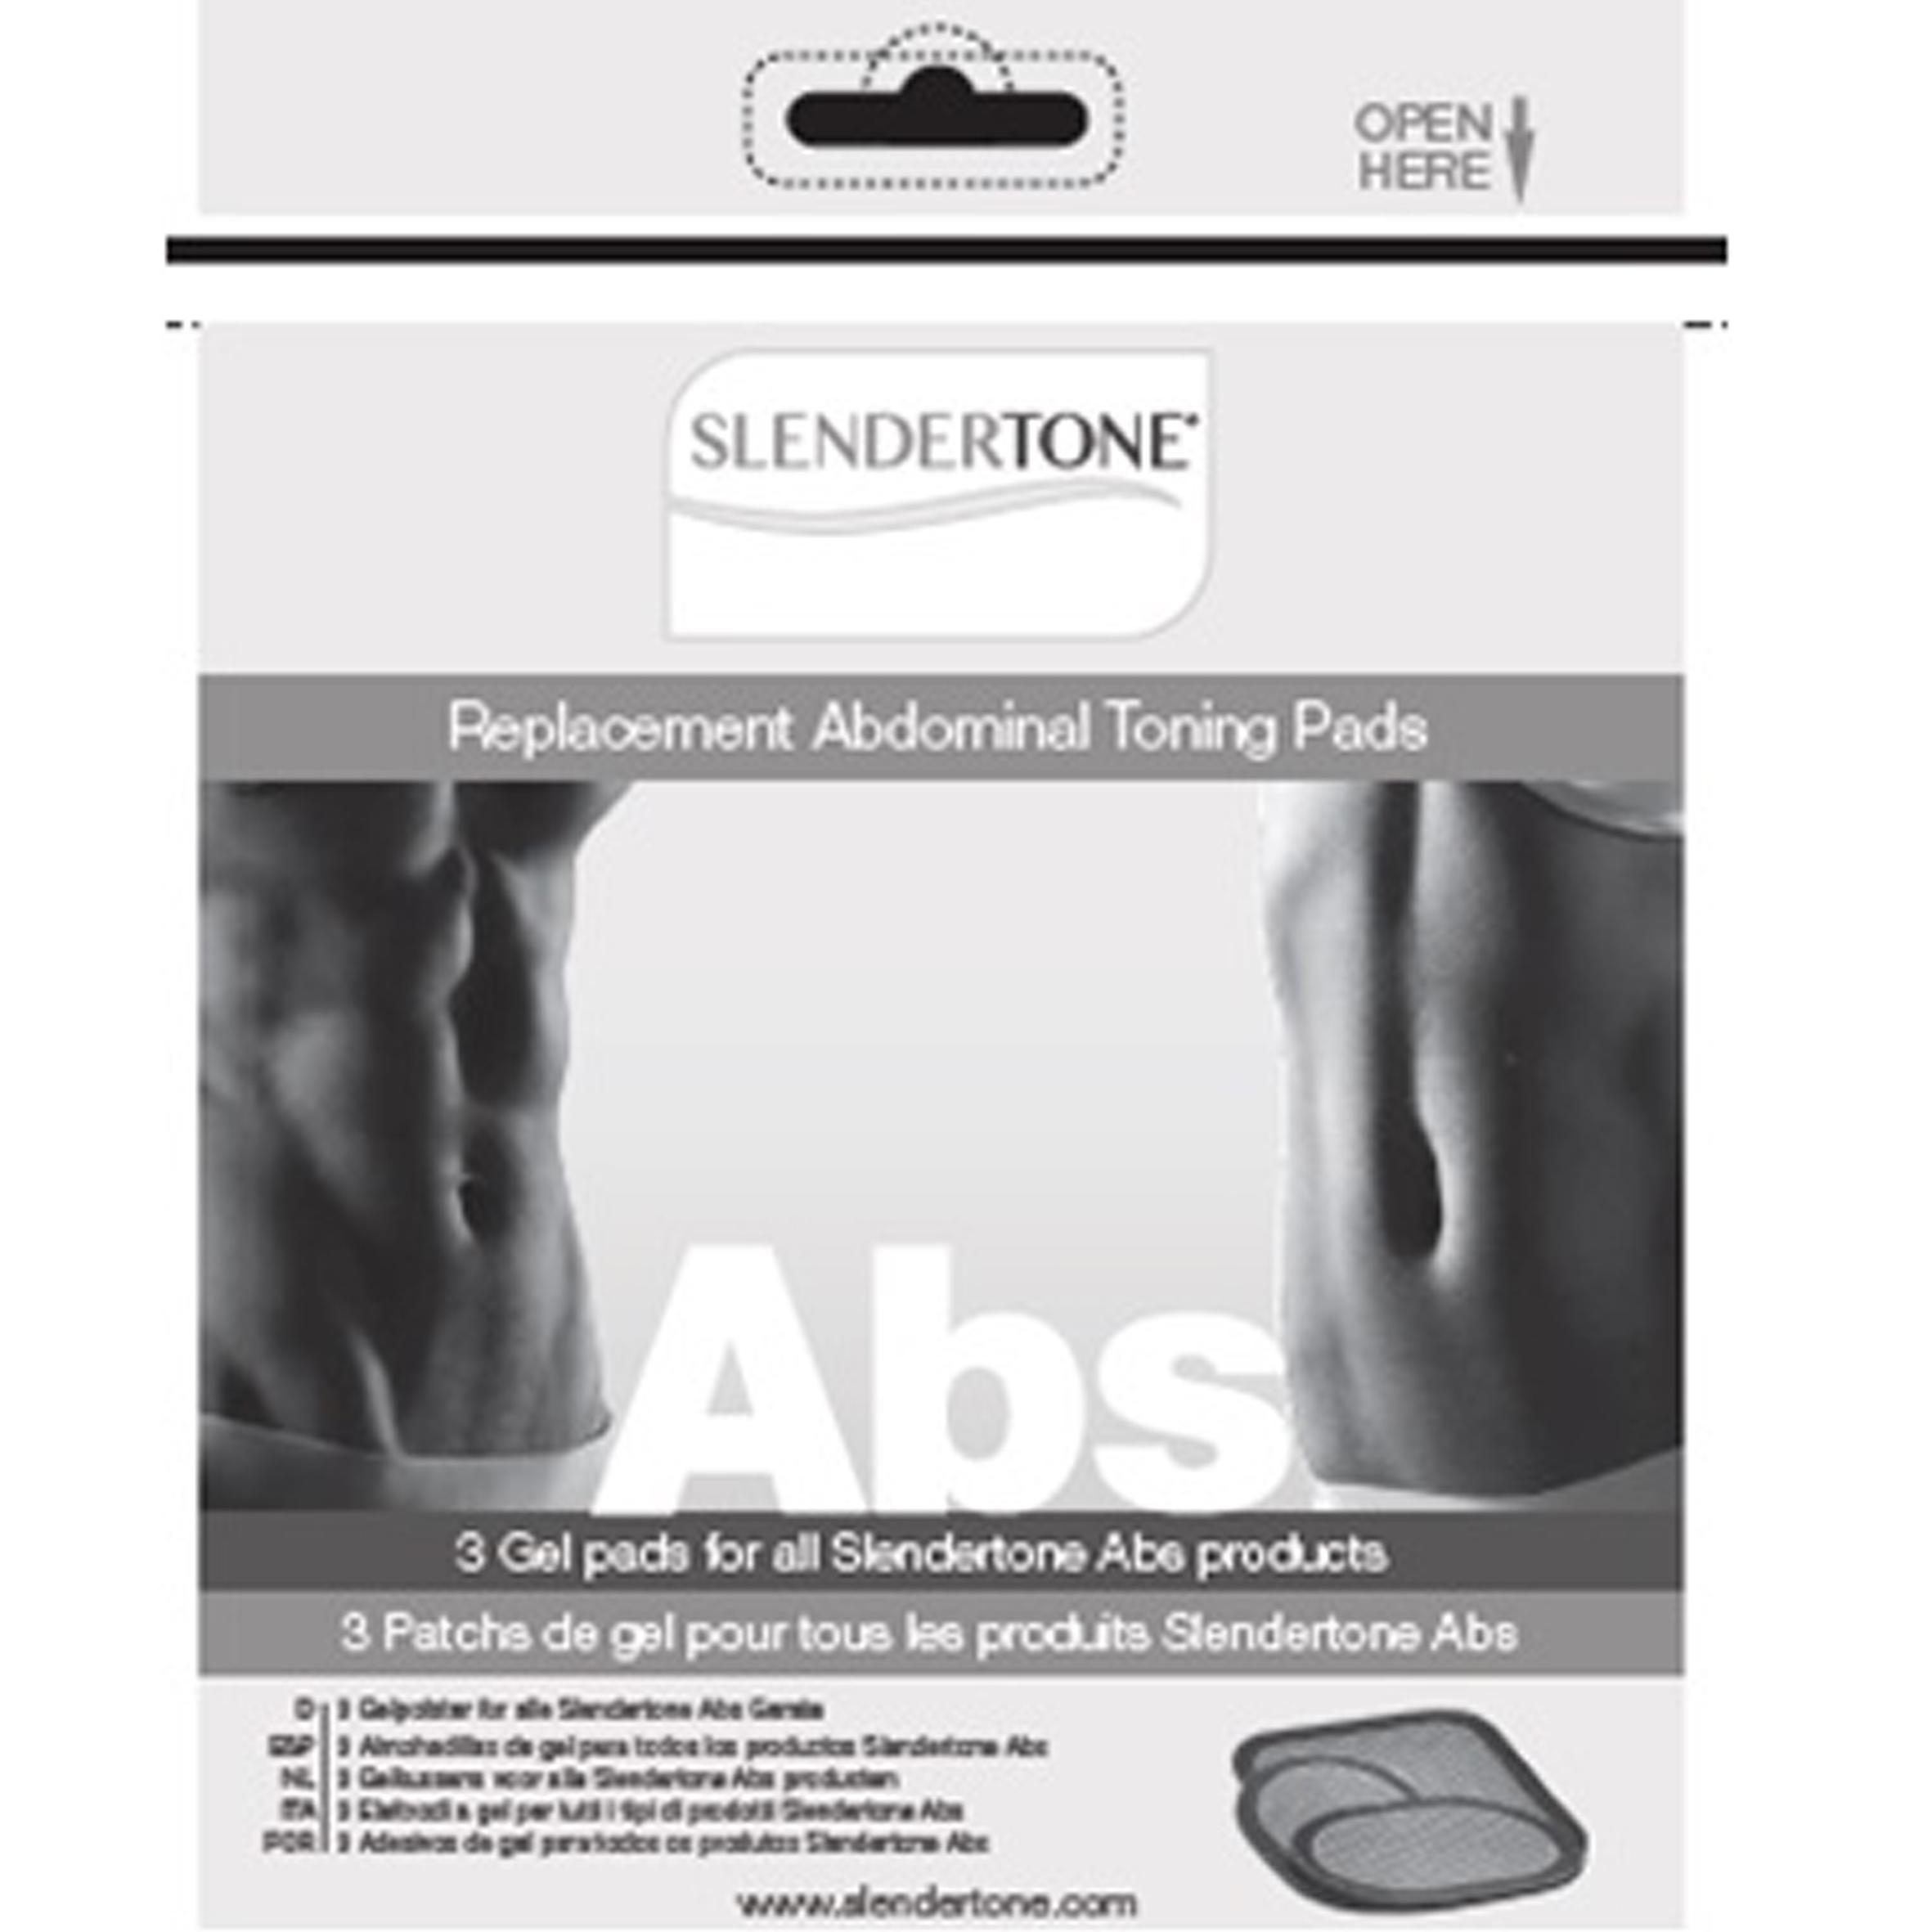 Slendertone Elektroden voor gordel Abs 3 / Abs 7 / Connect Abs kopen